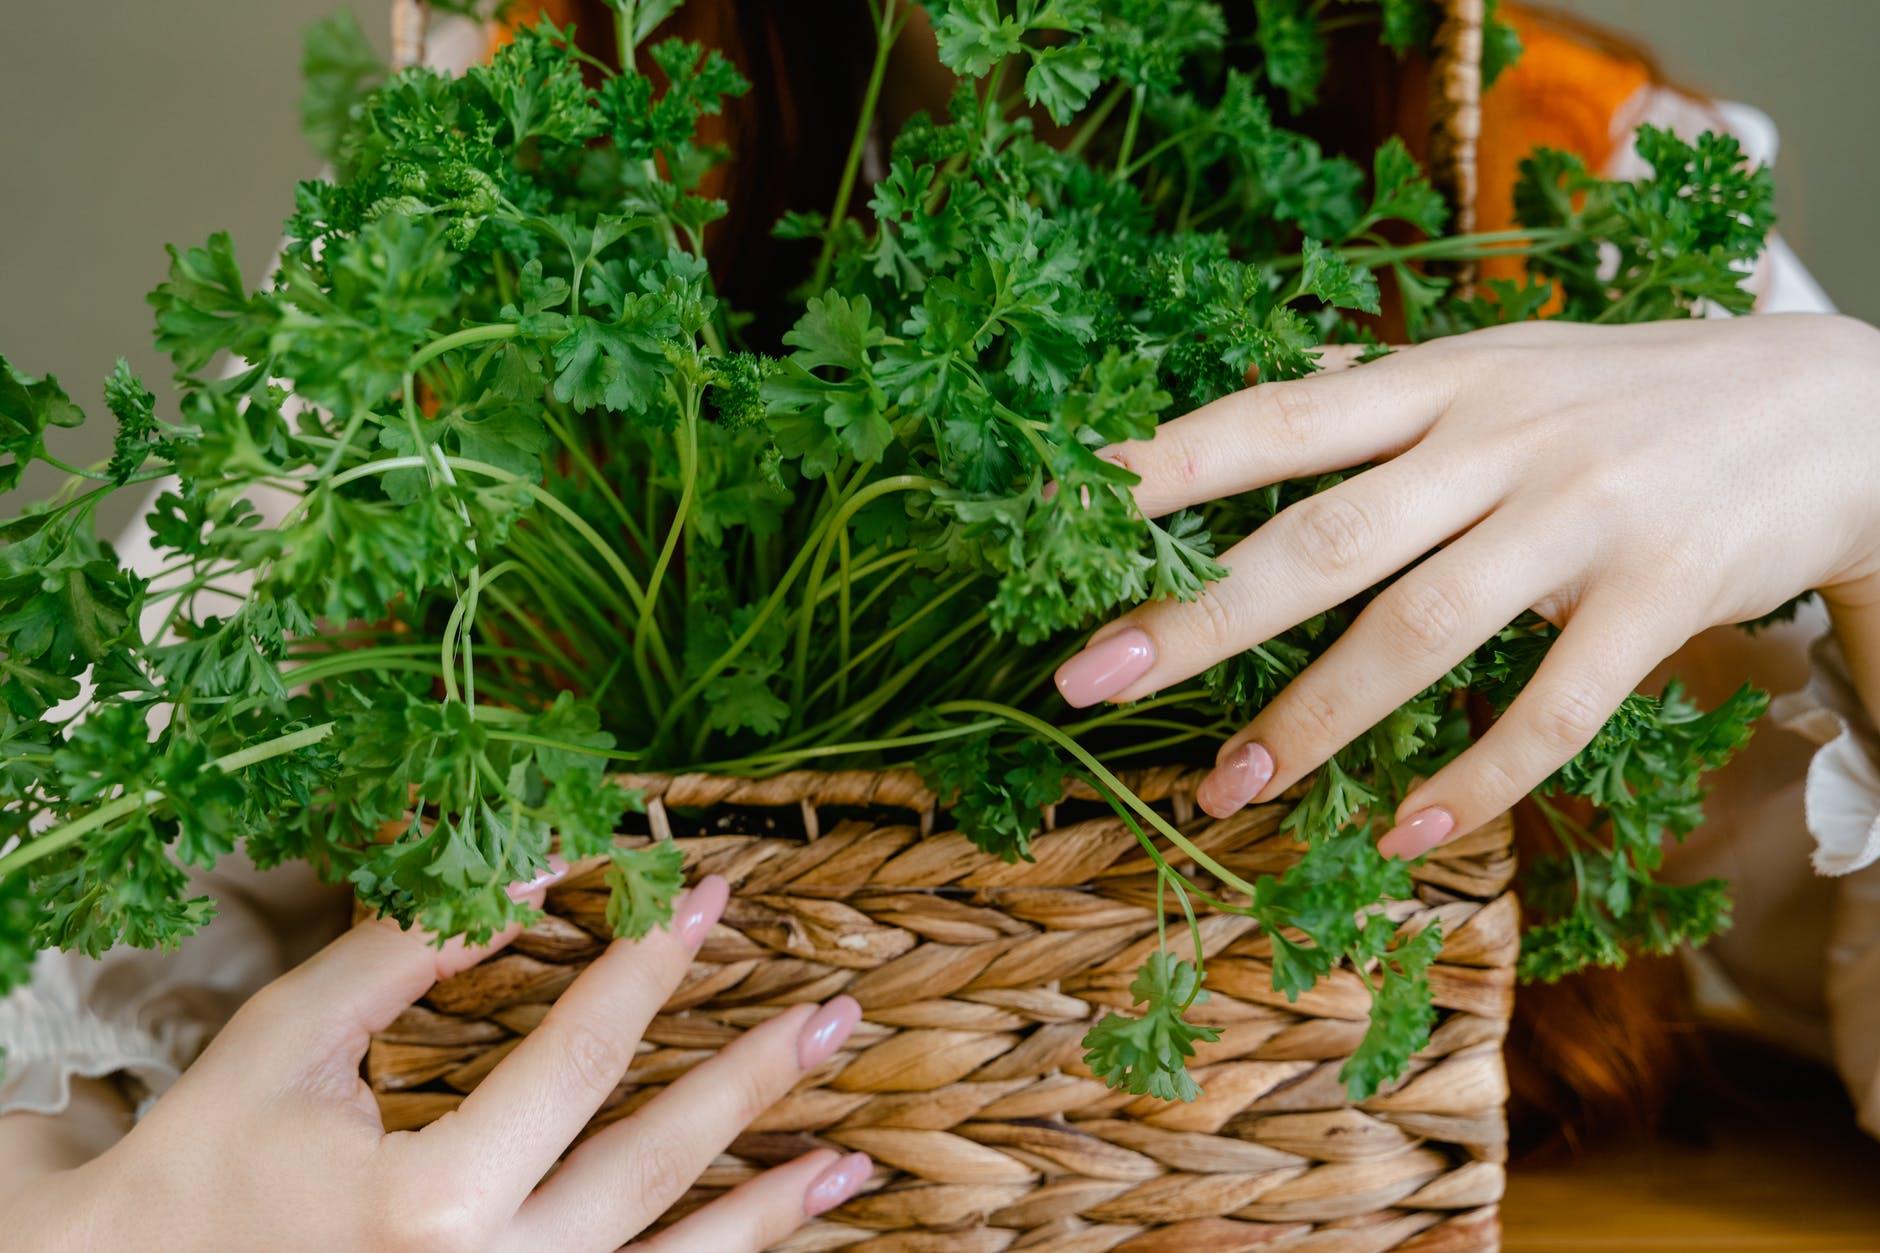 Bio-Organic Farming and Gardening